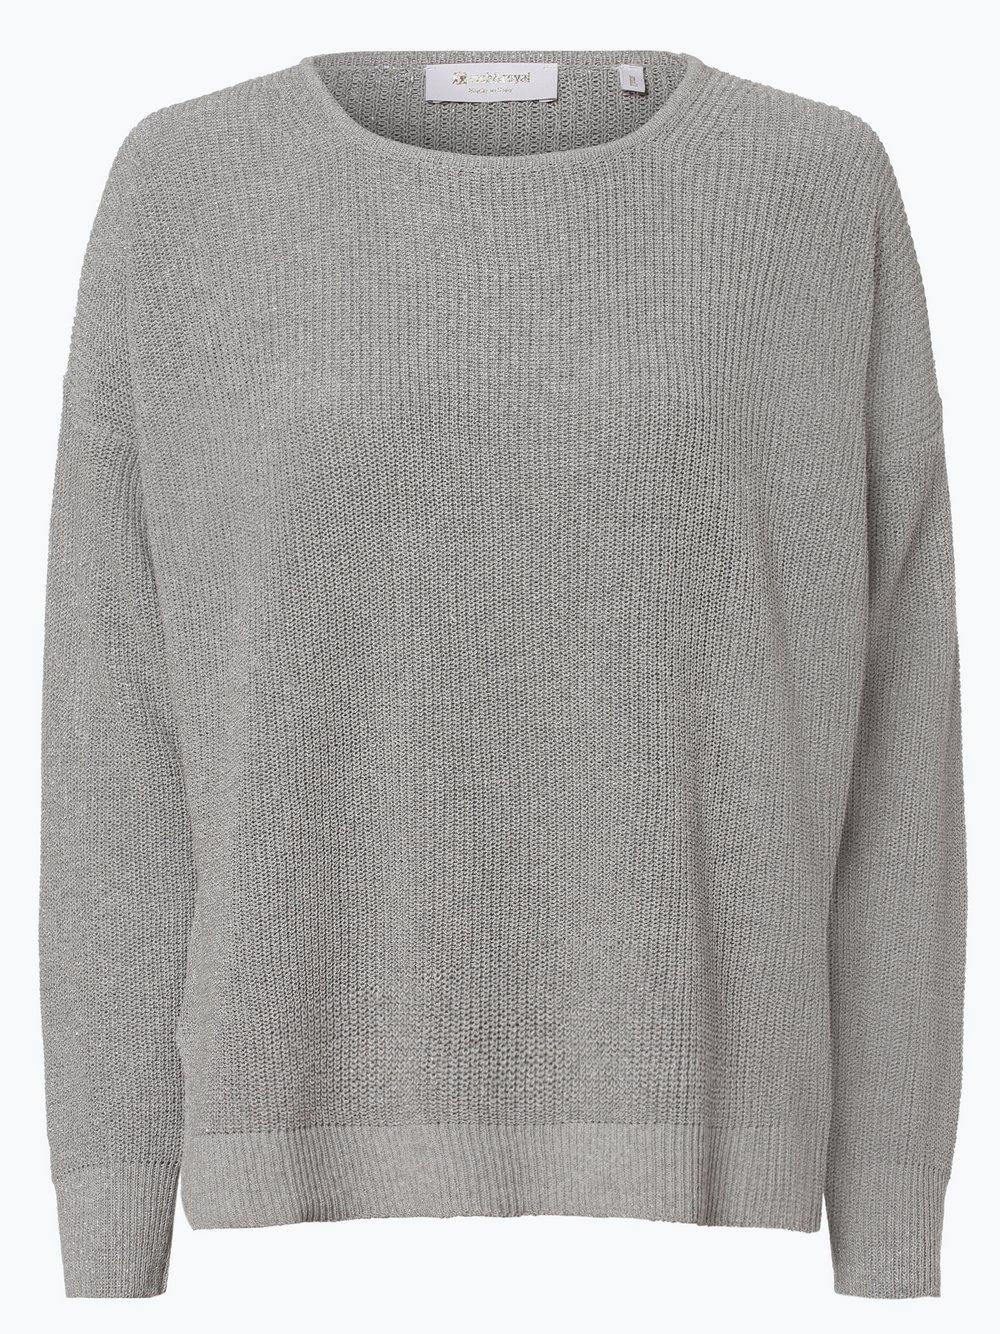 Rich & Royal Damen Pullover online kaufen   PEEK UND